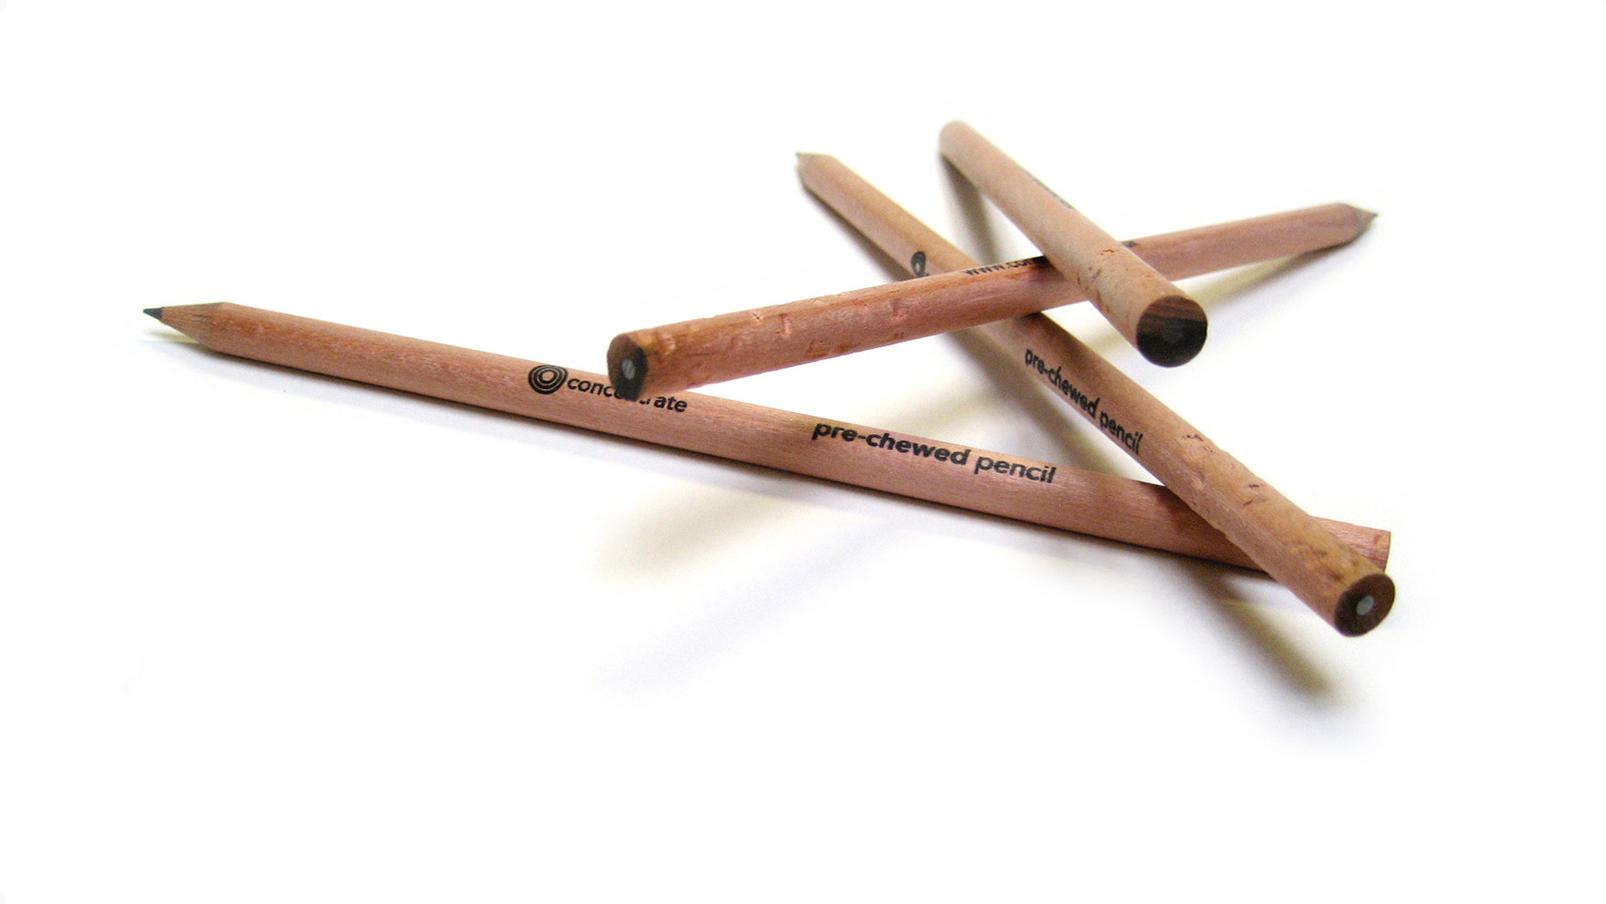 Pre-chewed_Pencils.jpg